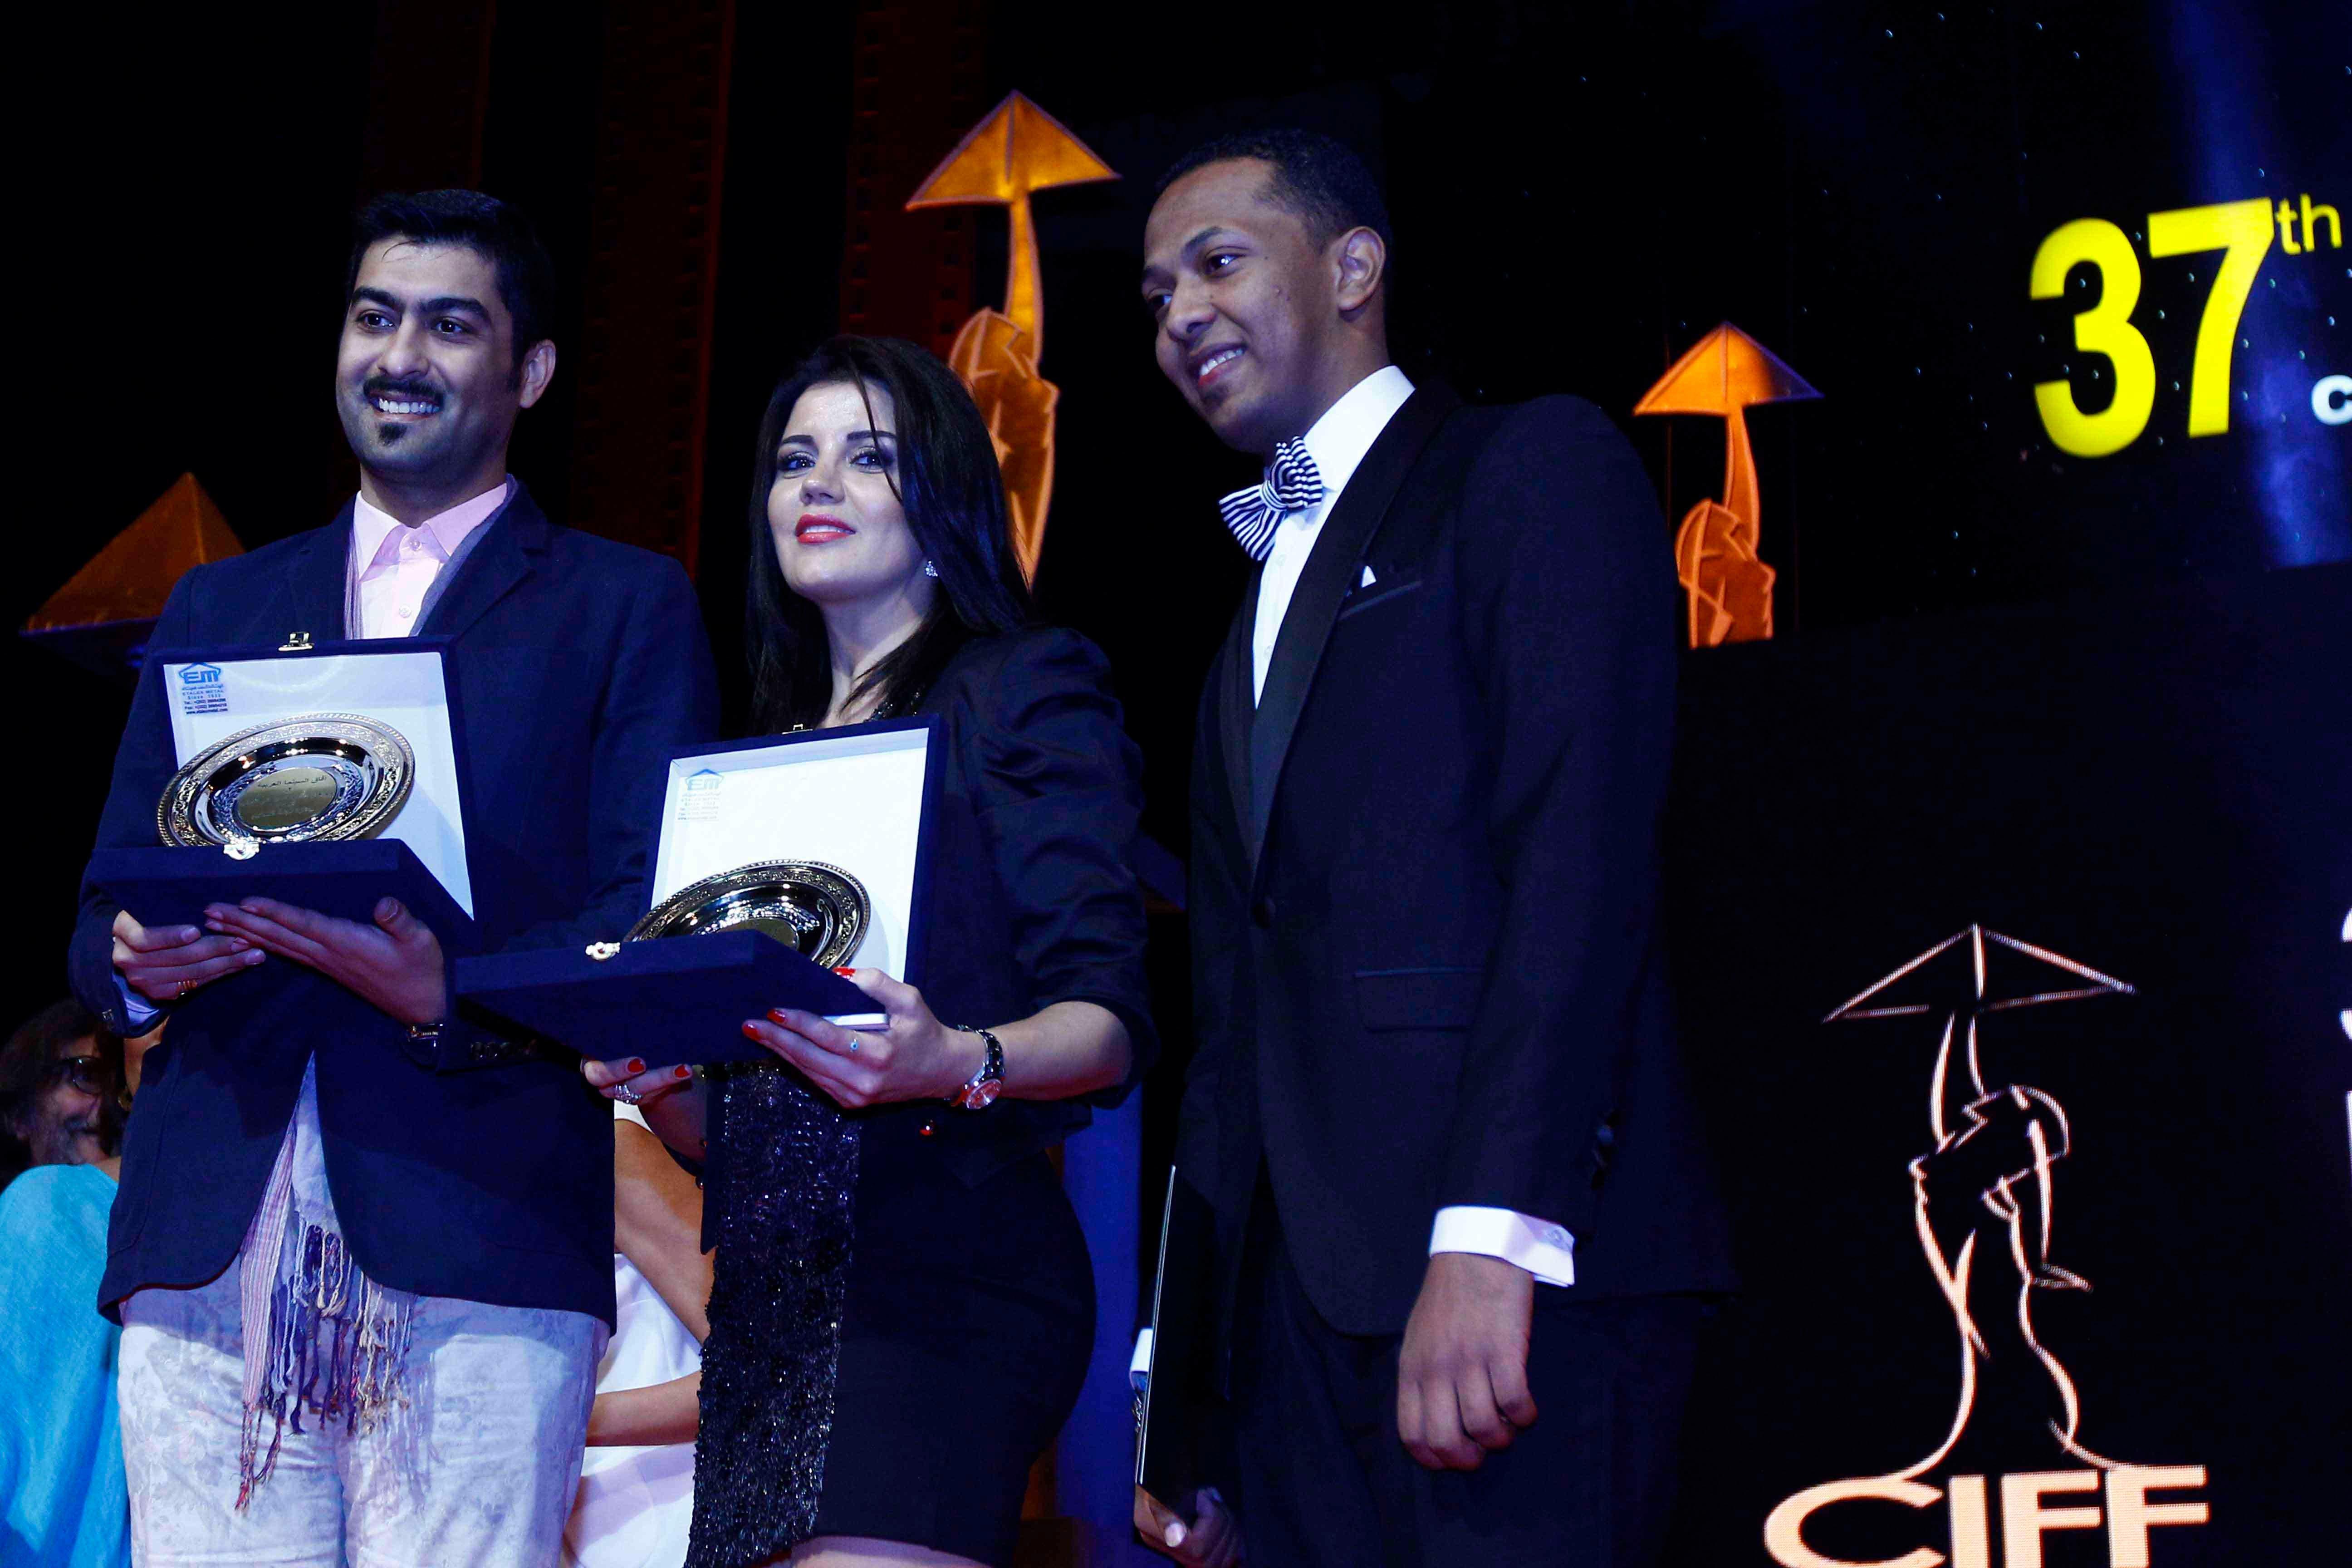 بالصور: مصر بلا جوائز في ختام مهرجان القاهرة السينمائي